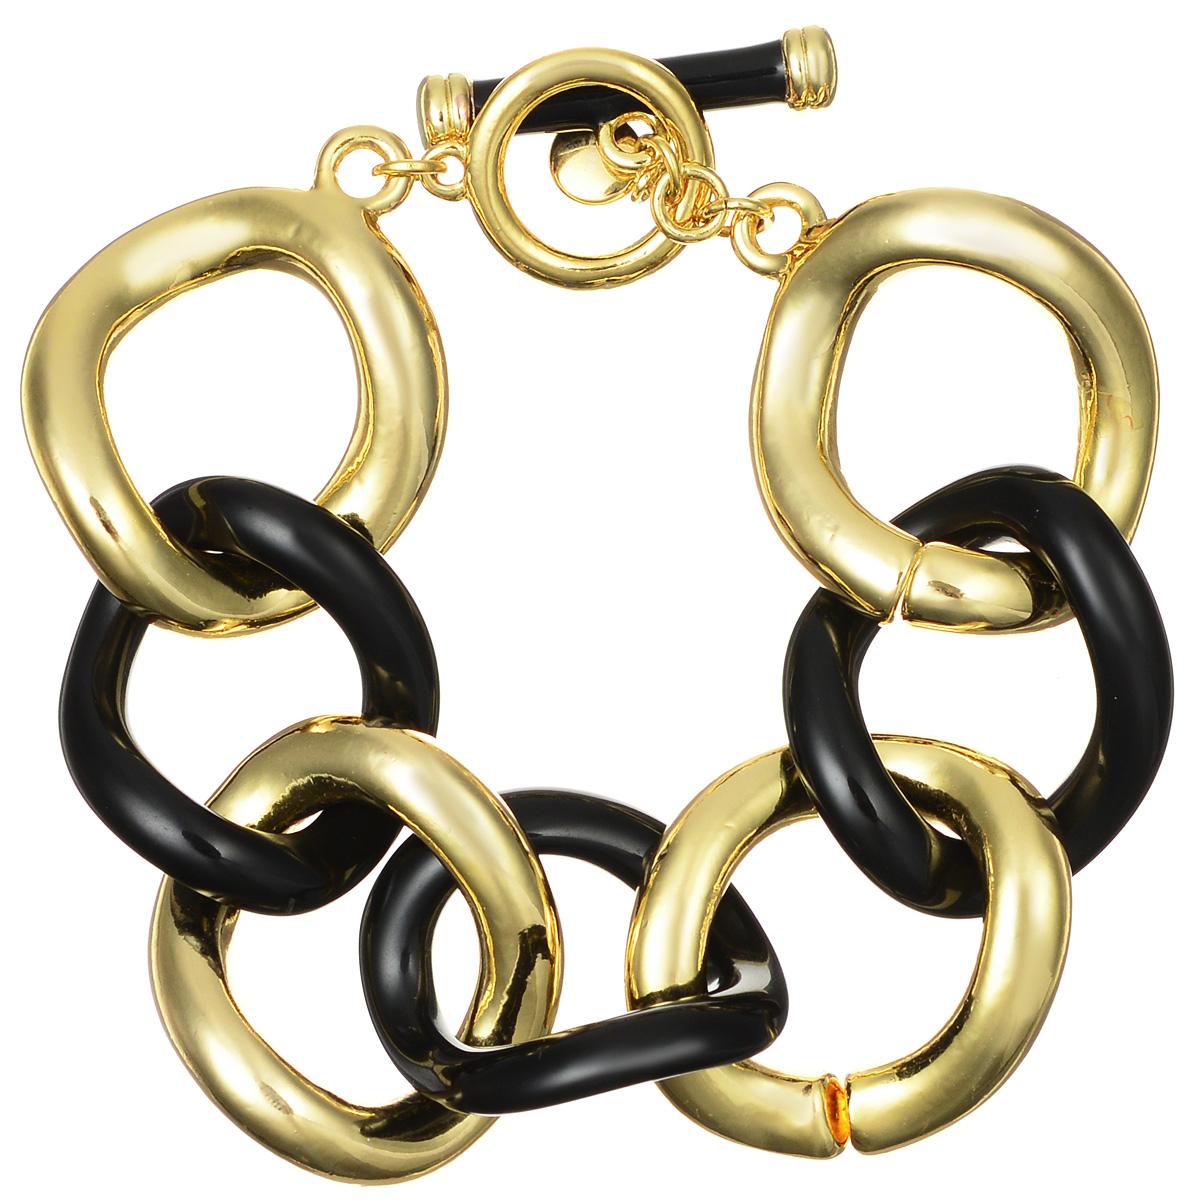 Браслет Art-Silver, цвет: золотистый, черный. 2500-21202500-2120Лаконичный женский браслет выполнен в виде переплетенных звеньев из бижутерного сплава с покрытием из эмали. Браслет застегивается при помощи замка-тогл, благодаря которой браслет легко снимать и надевать. Необычный браслет блестяще подчеркнет ваш изысканный вкус и поможет внести разнообразие в привычный образ.